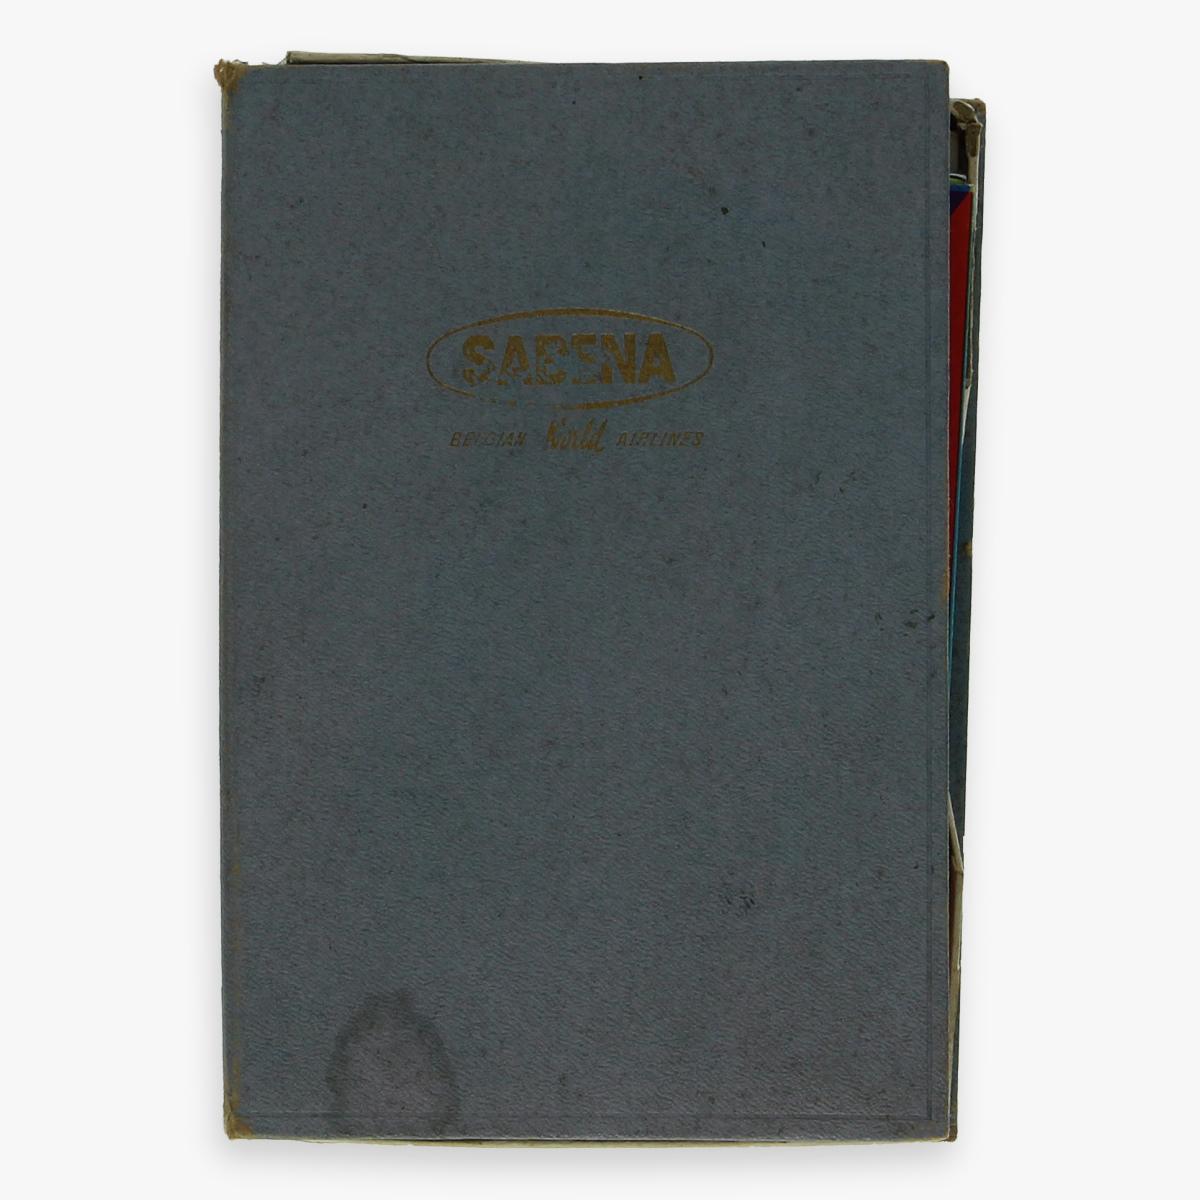 Afbeeldingen van sabena brochures boxed